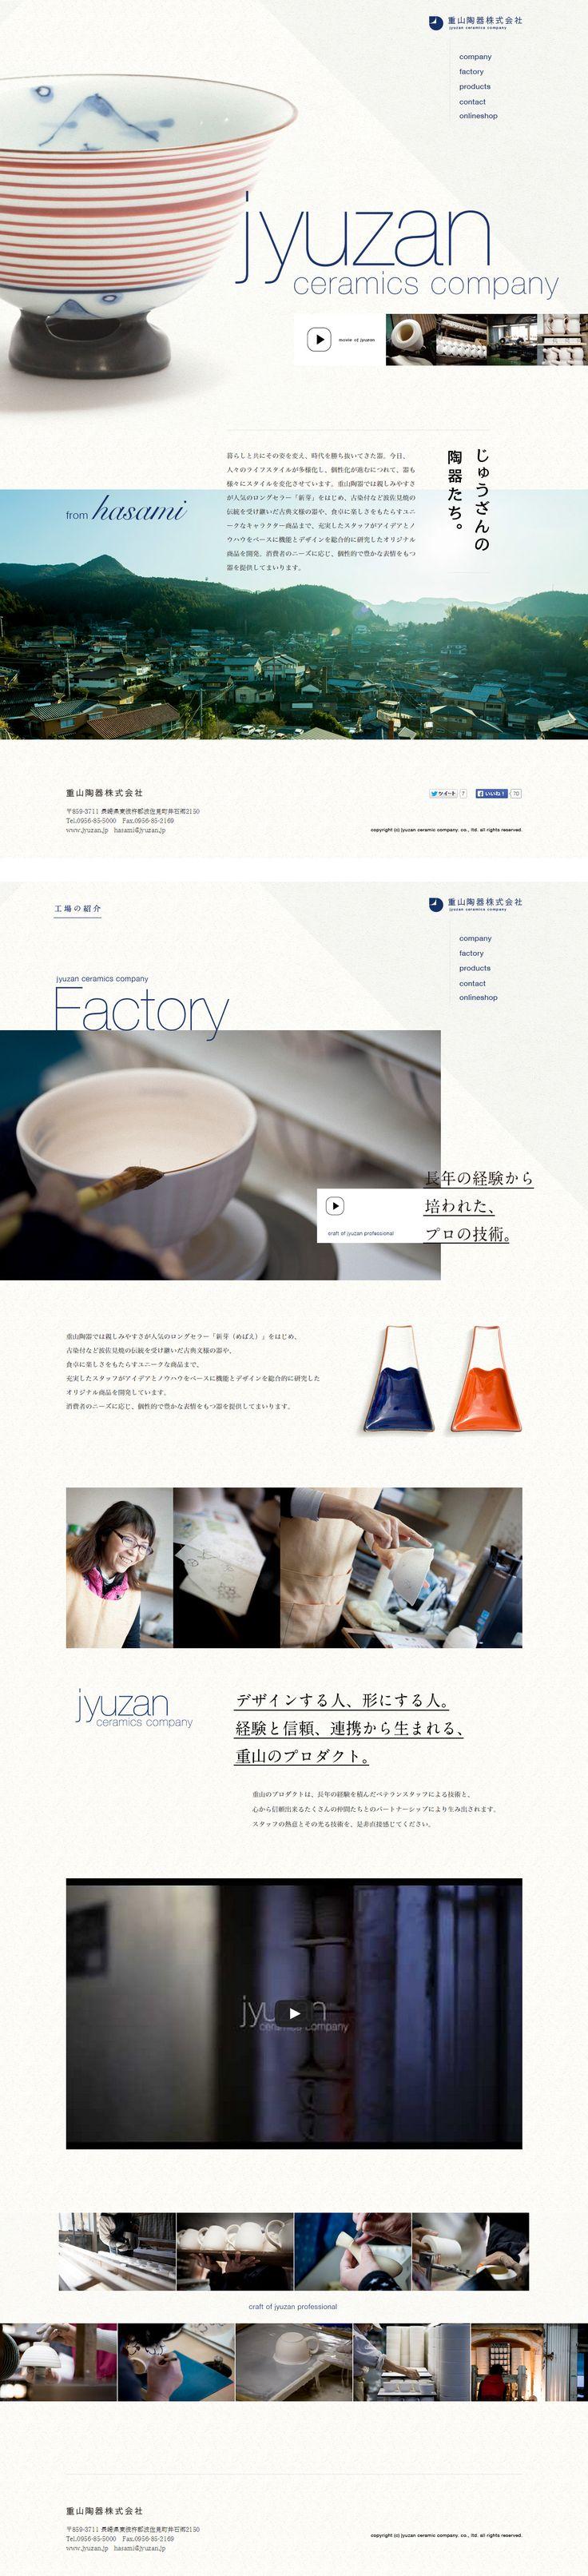 重山陶器株式会社 http://www.jyuzan.jp/